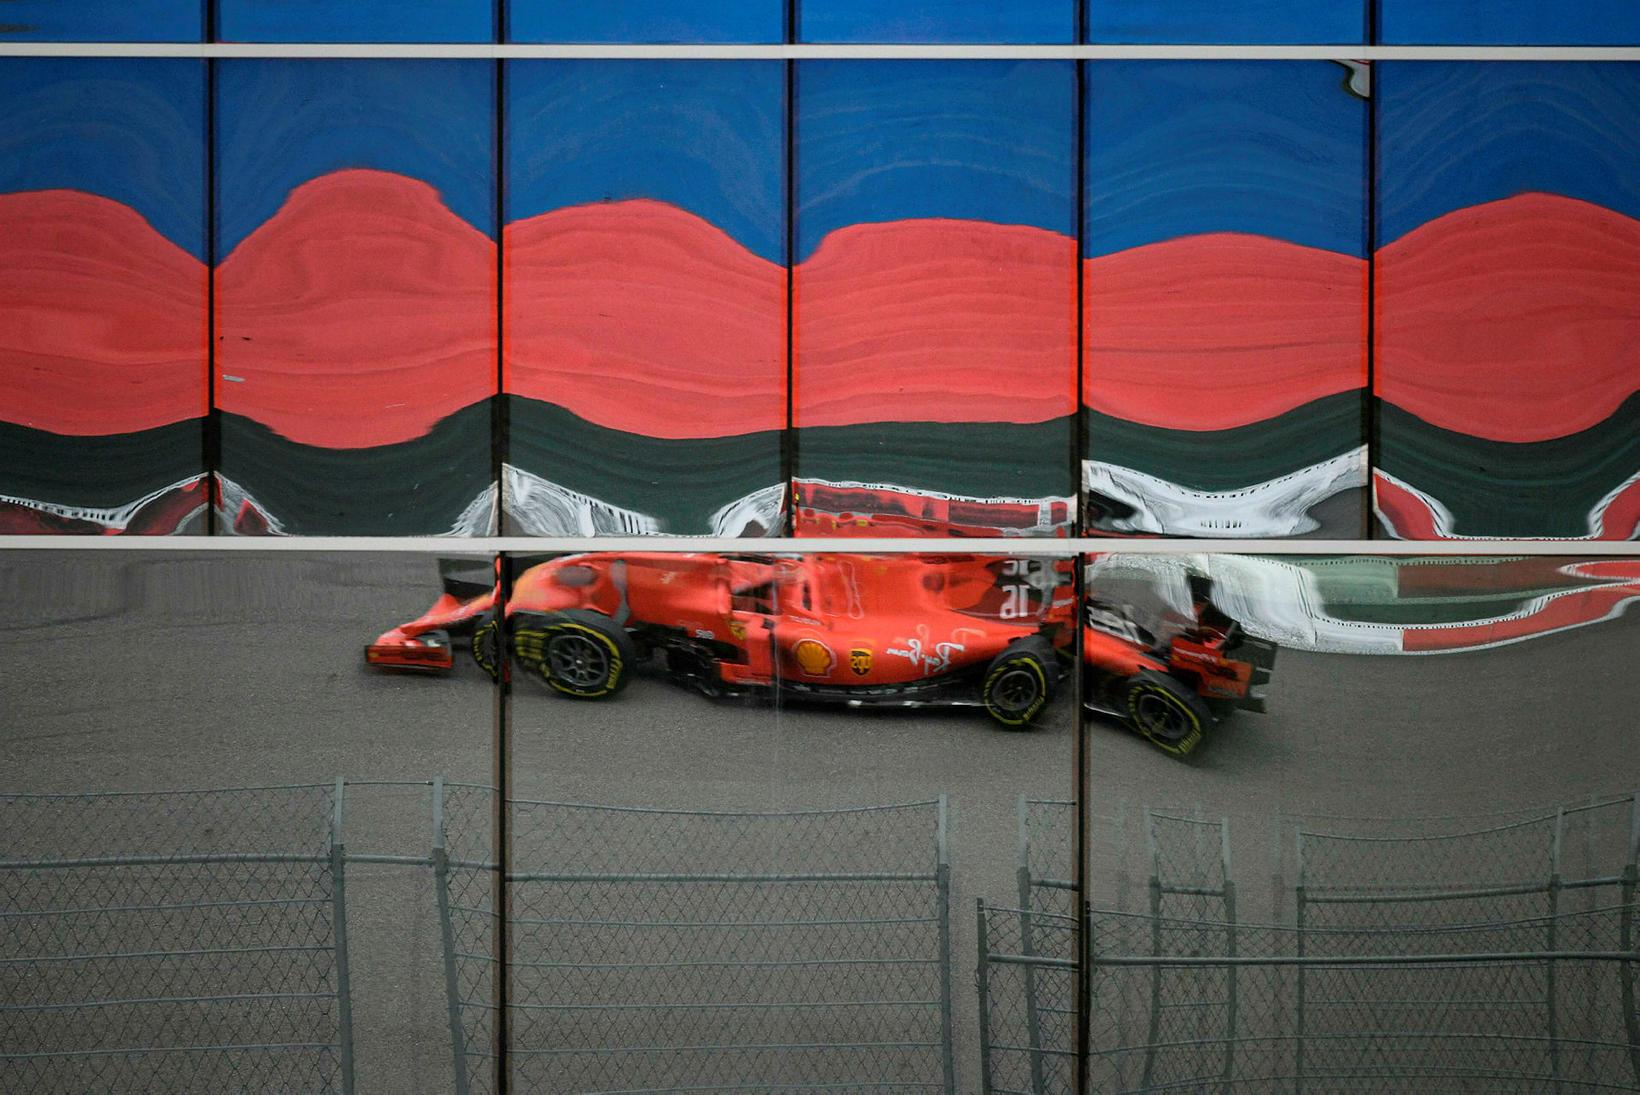 Ferrarifákur Charles Leclerc speglast í glerveggjum bygginga við brautina í ...